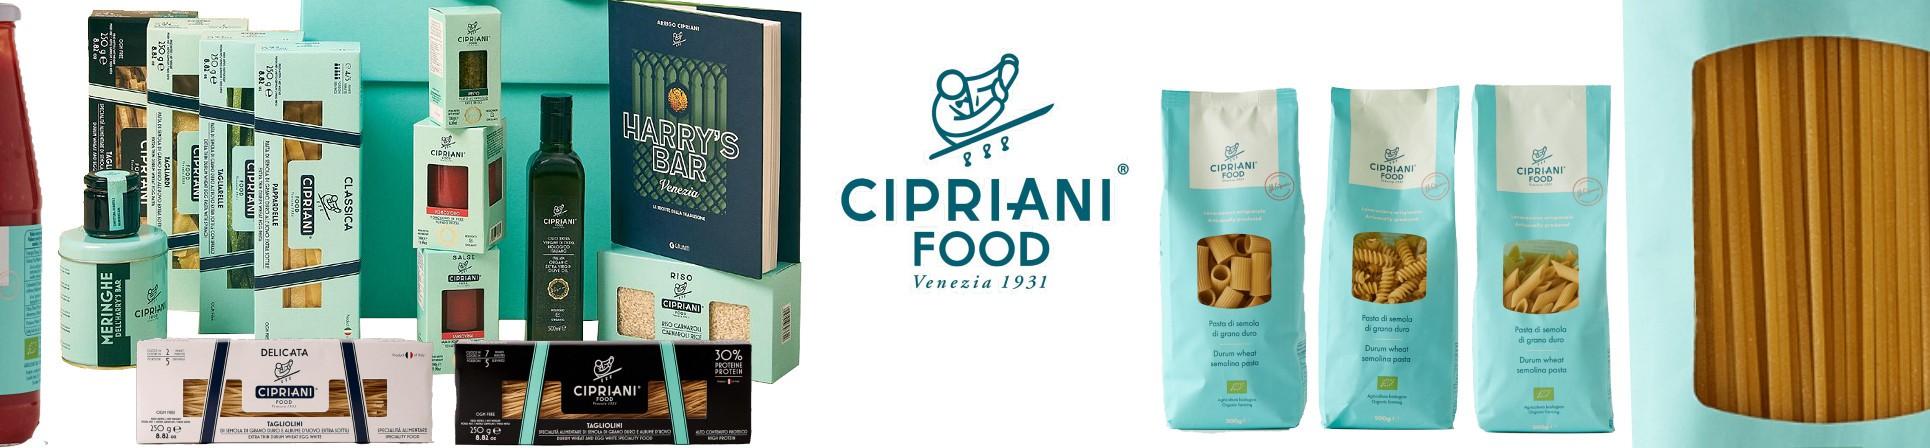 Pasta all'uovo artigianale vendita online - CIPRIANI FOOD